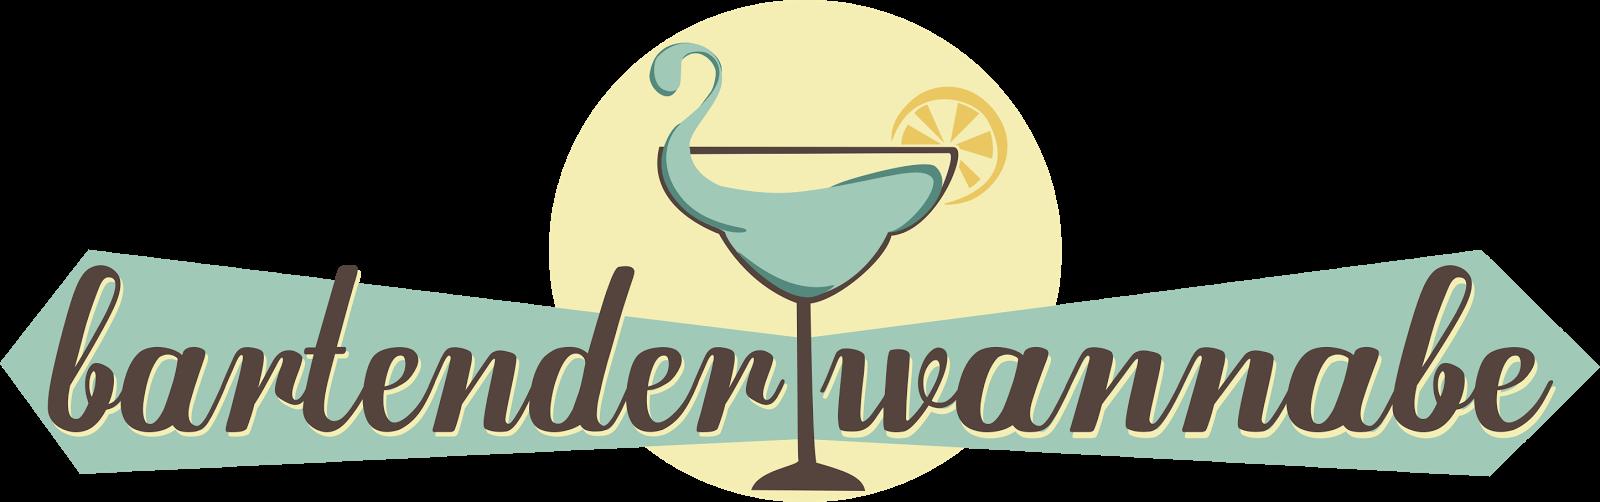 Bartender Wannabe